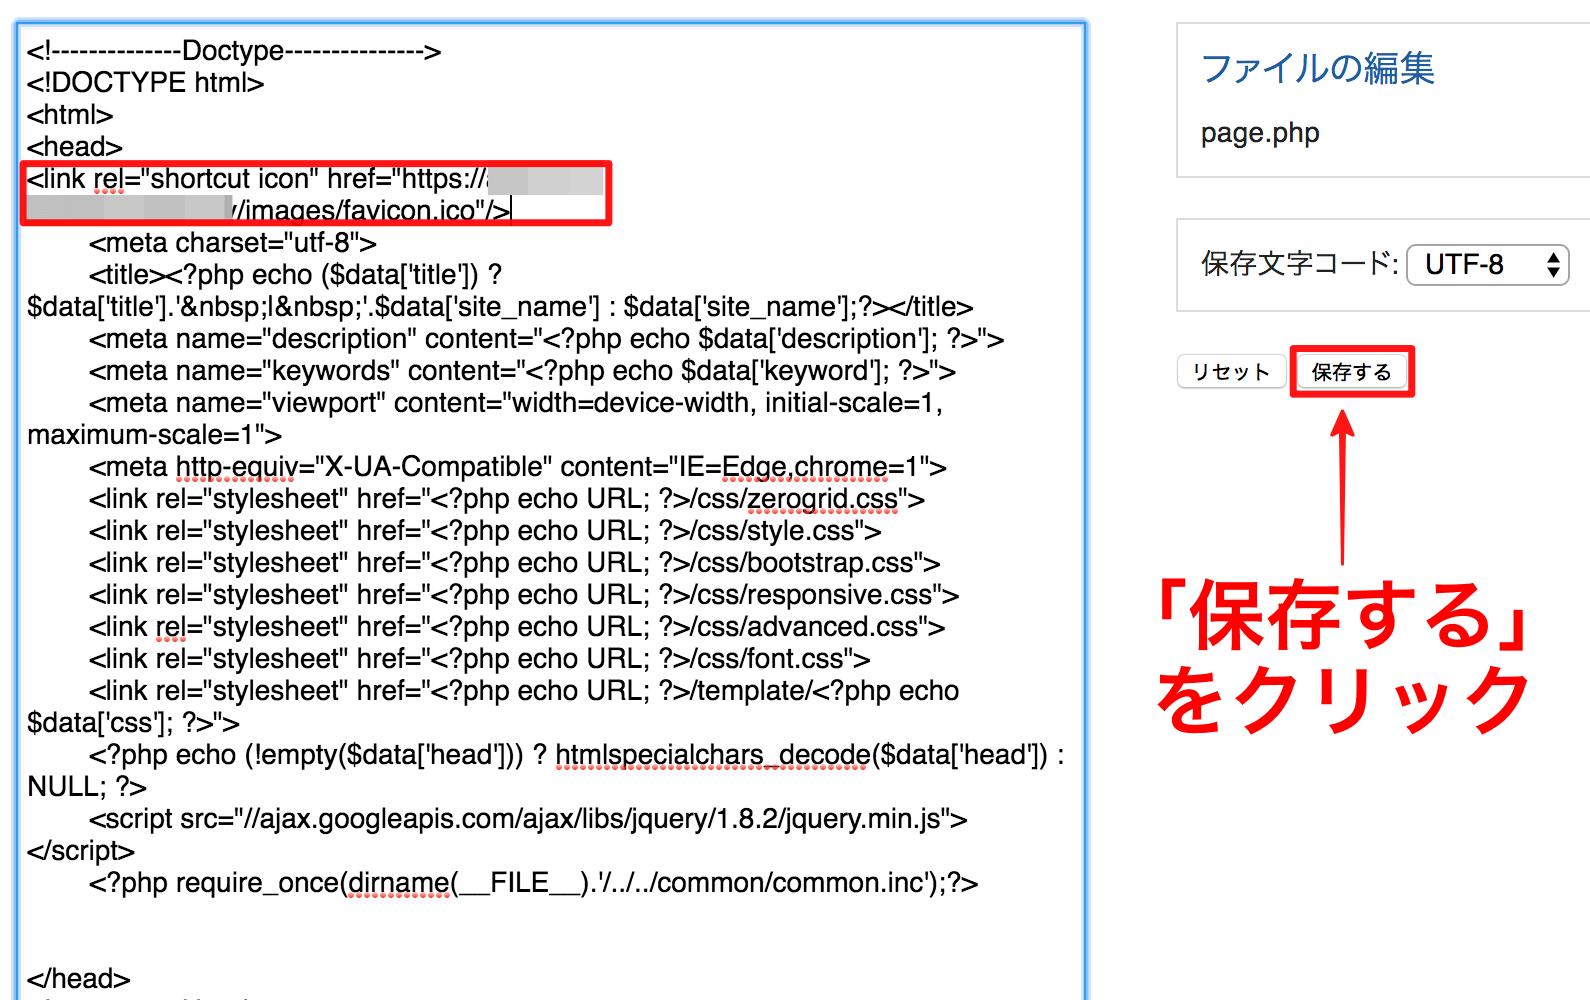 page.phpにファビコンの画像をペーストする